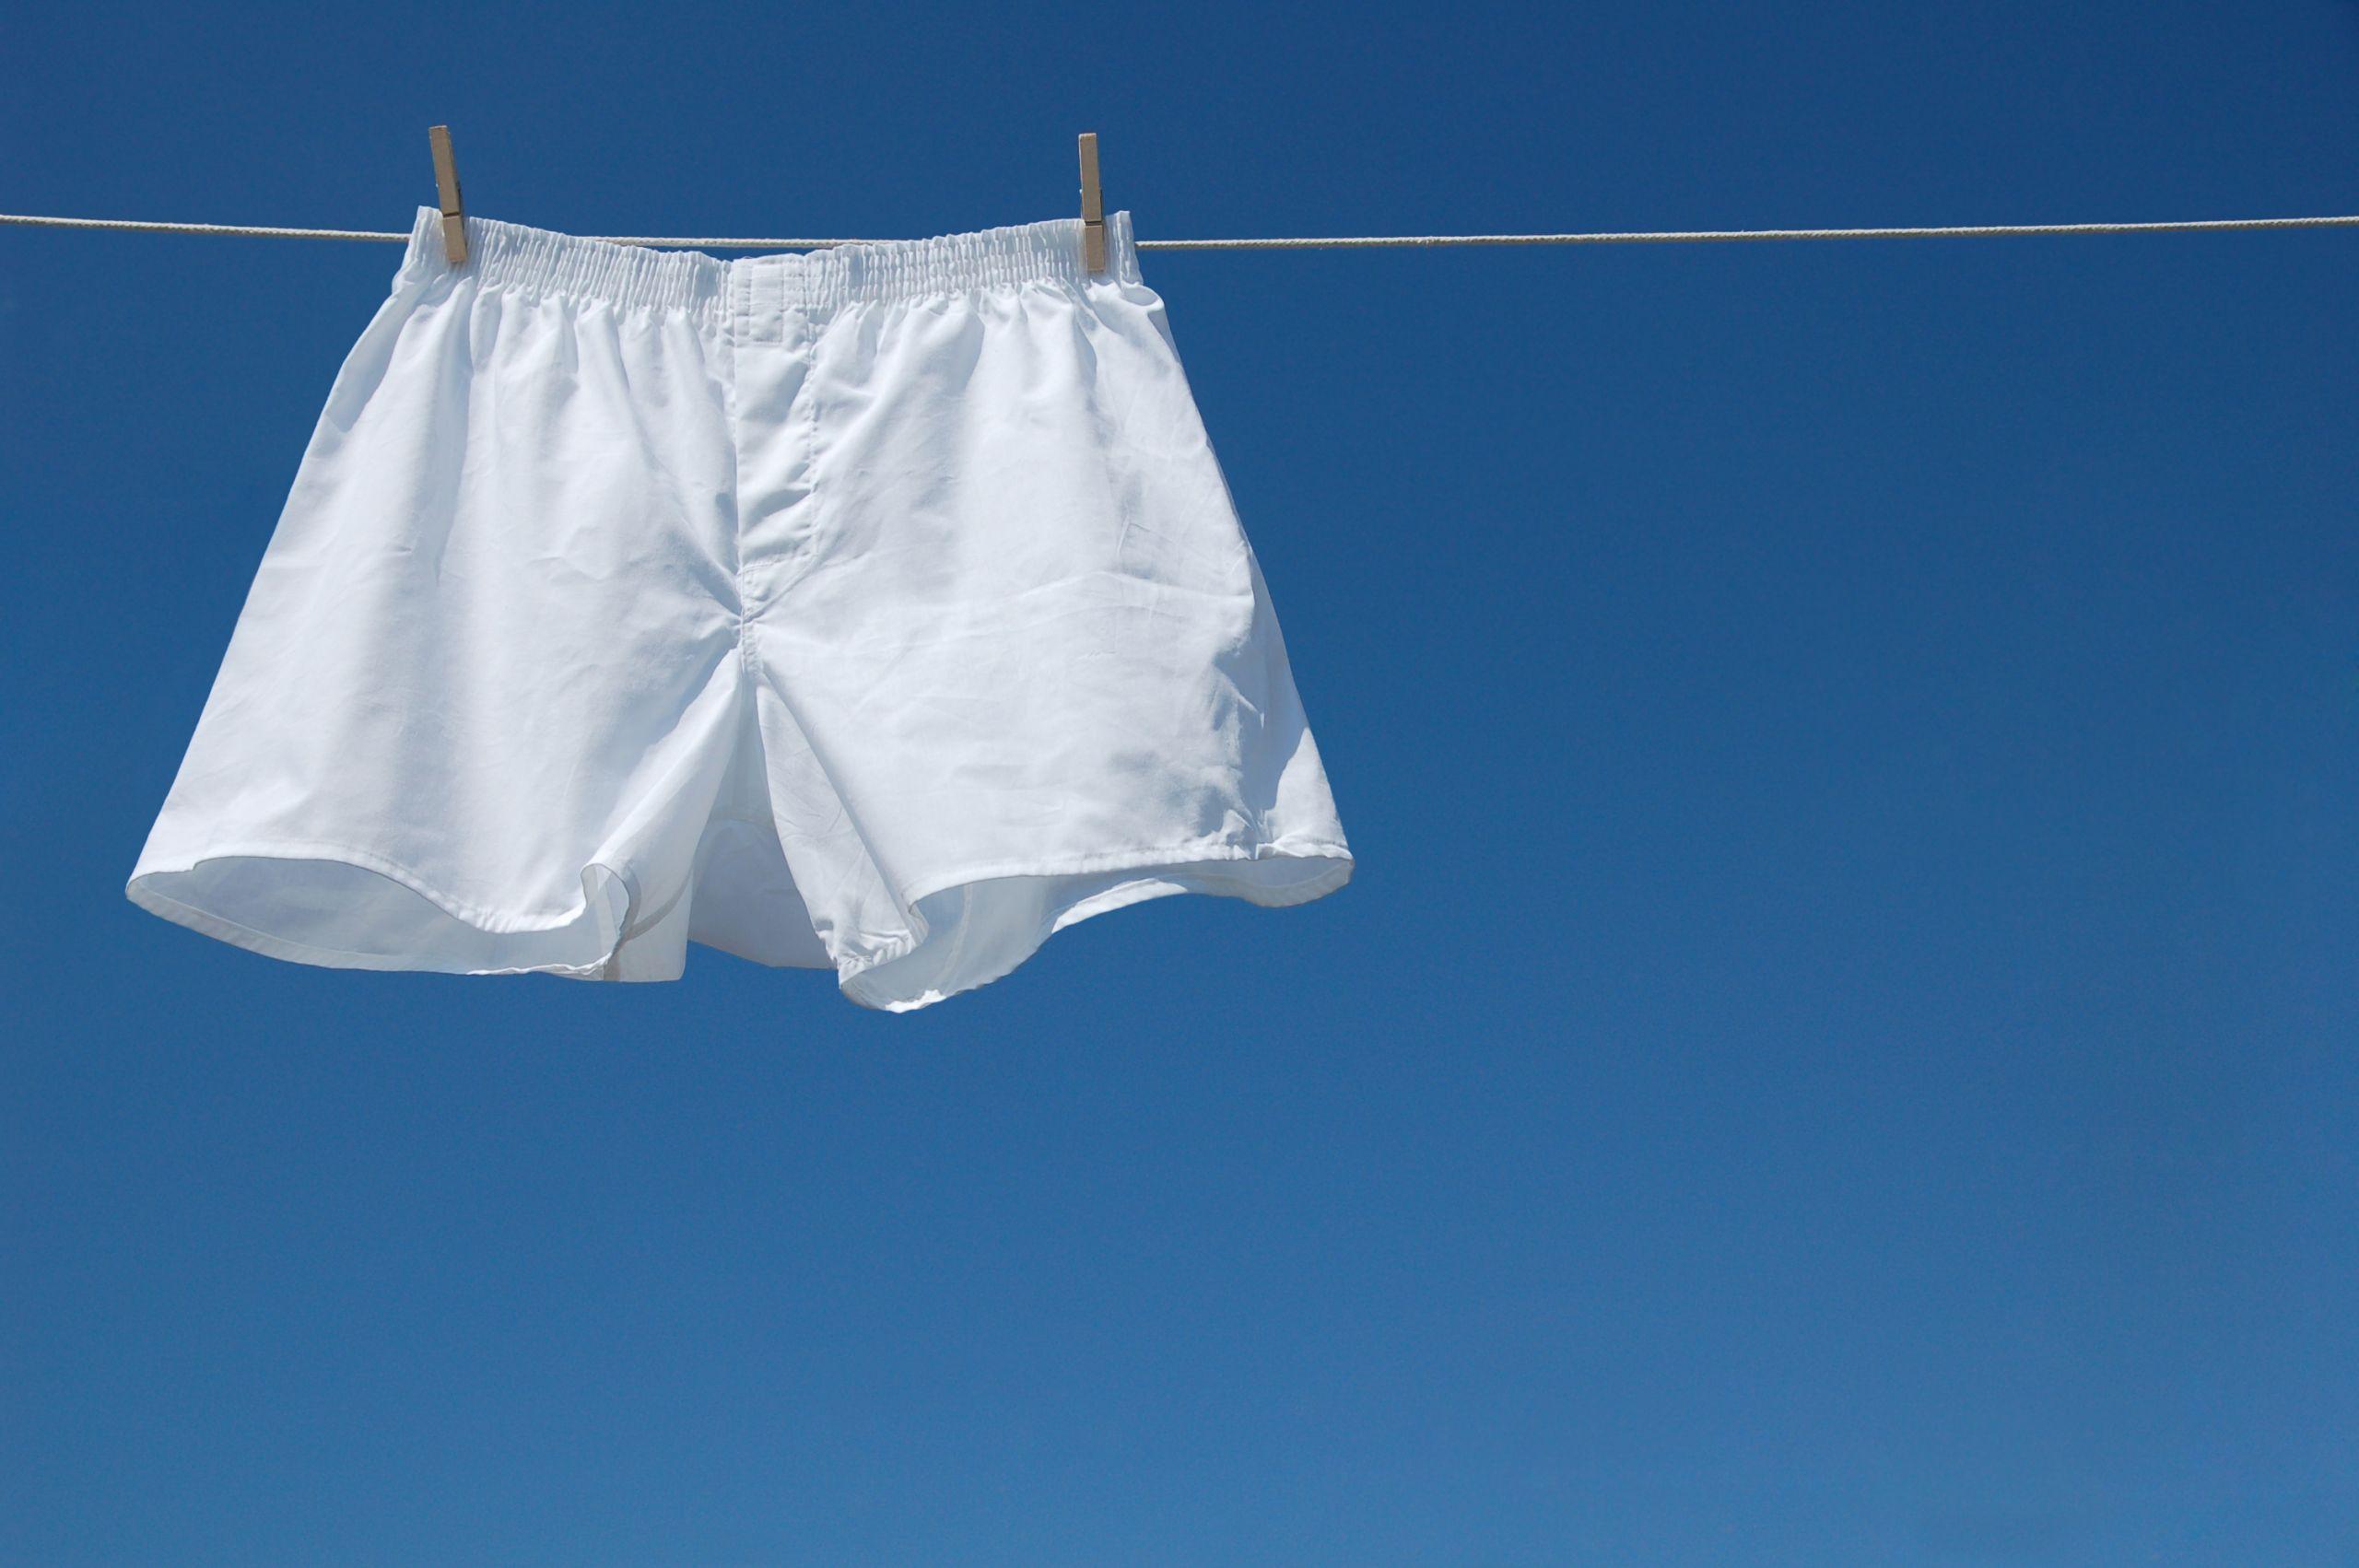 How Often Do Men Change Their Underwear - Ergowear